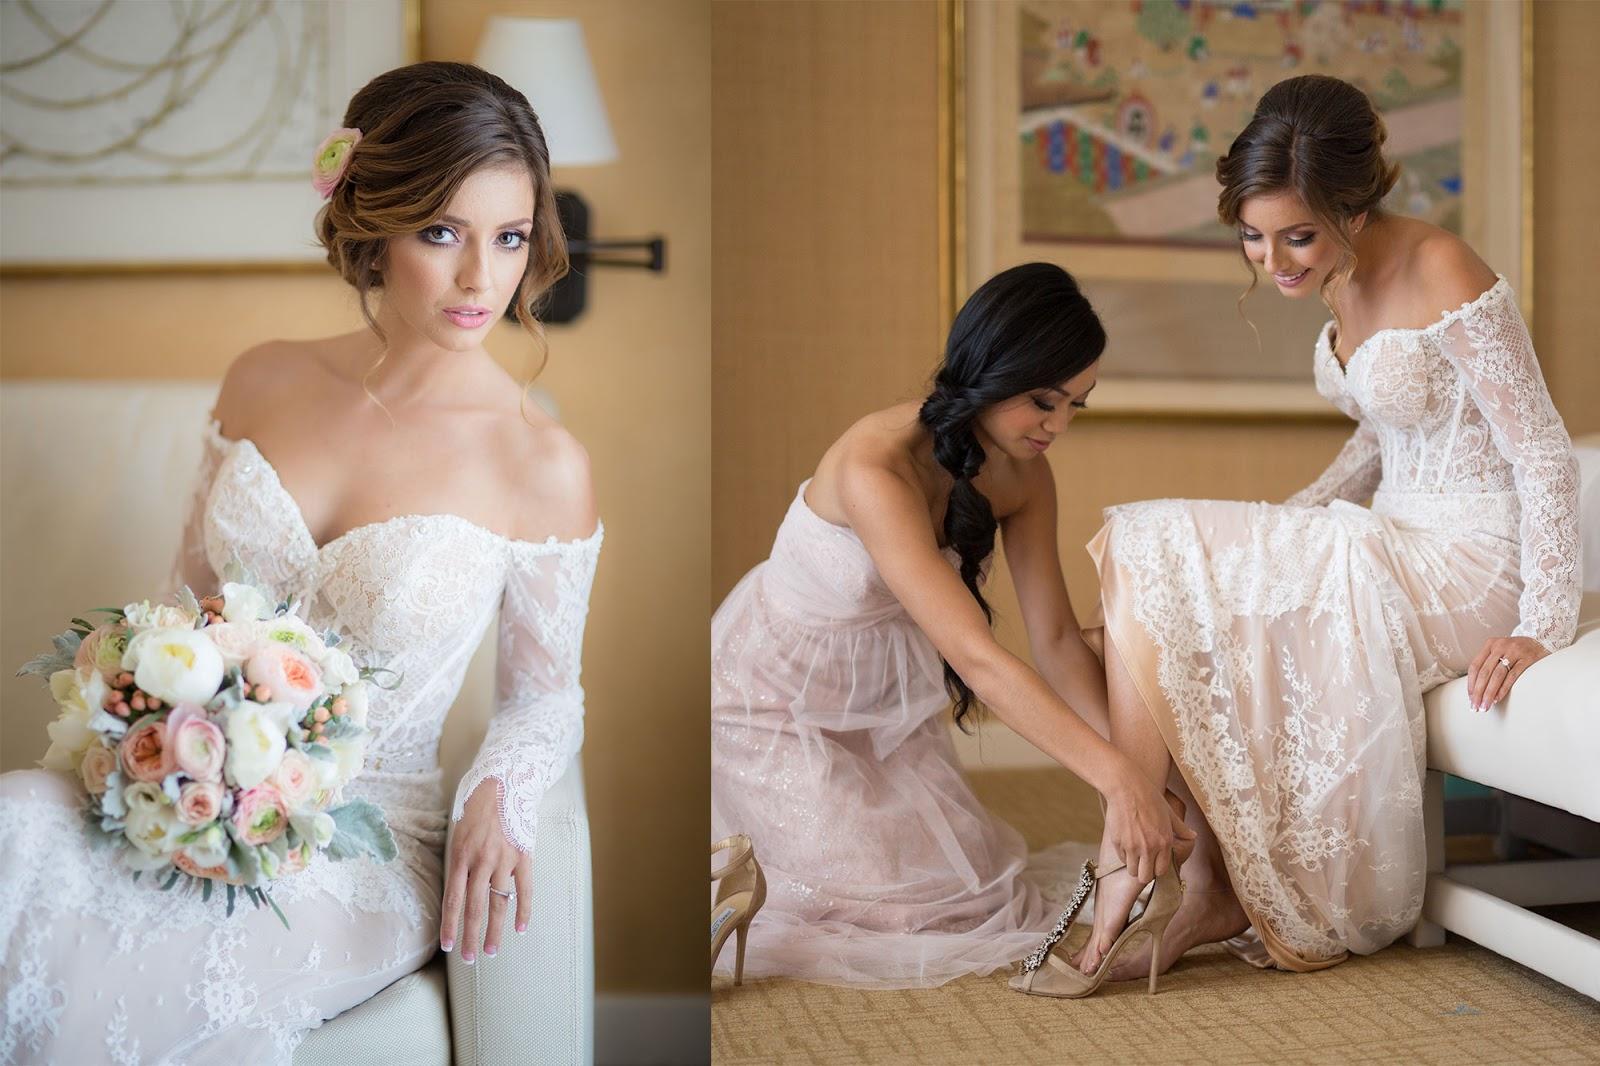 простая как фотографировать жениха и невесту самолет чудом сел